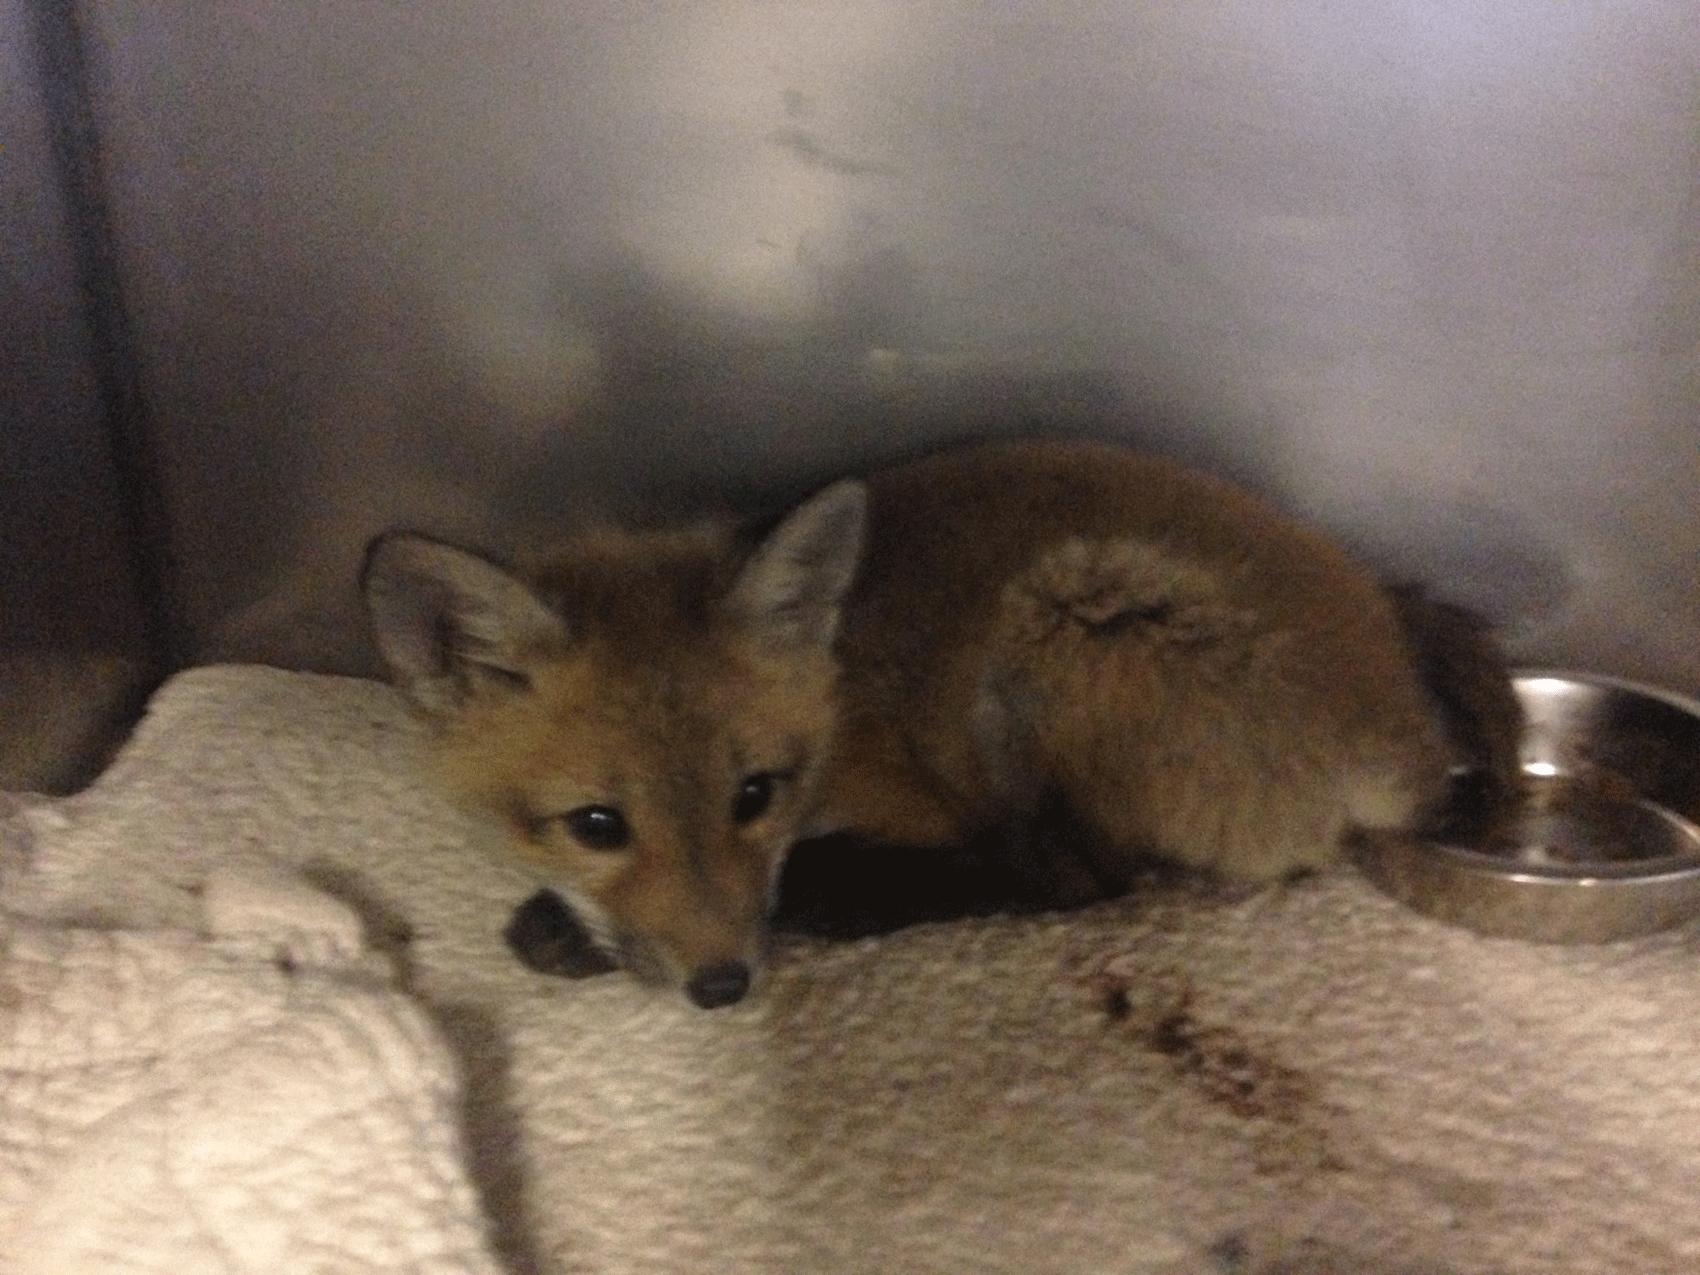 Filhote de raposa 'invade' casa pela portinhola de cachorro nos EUA